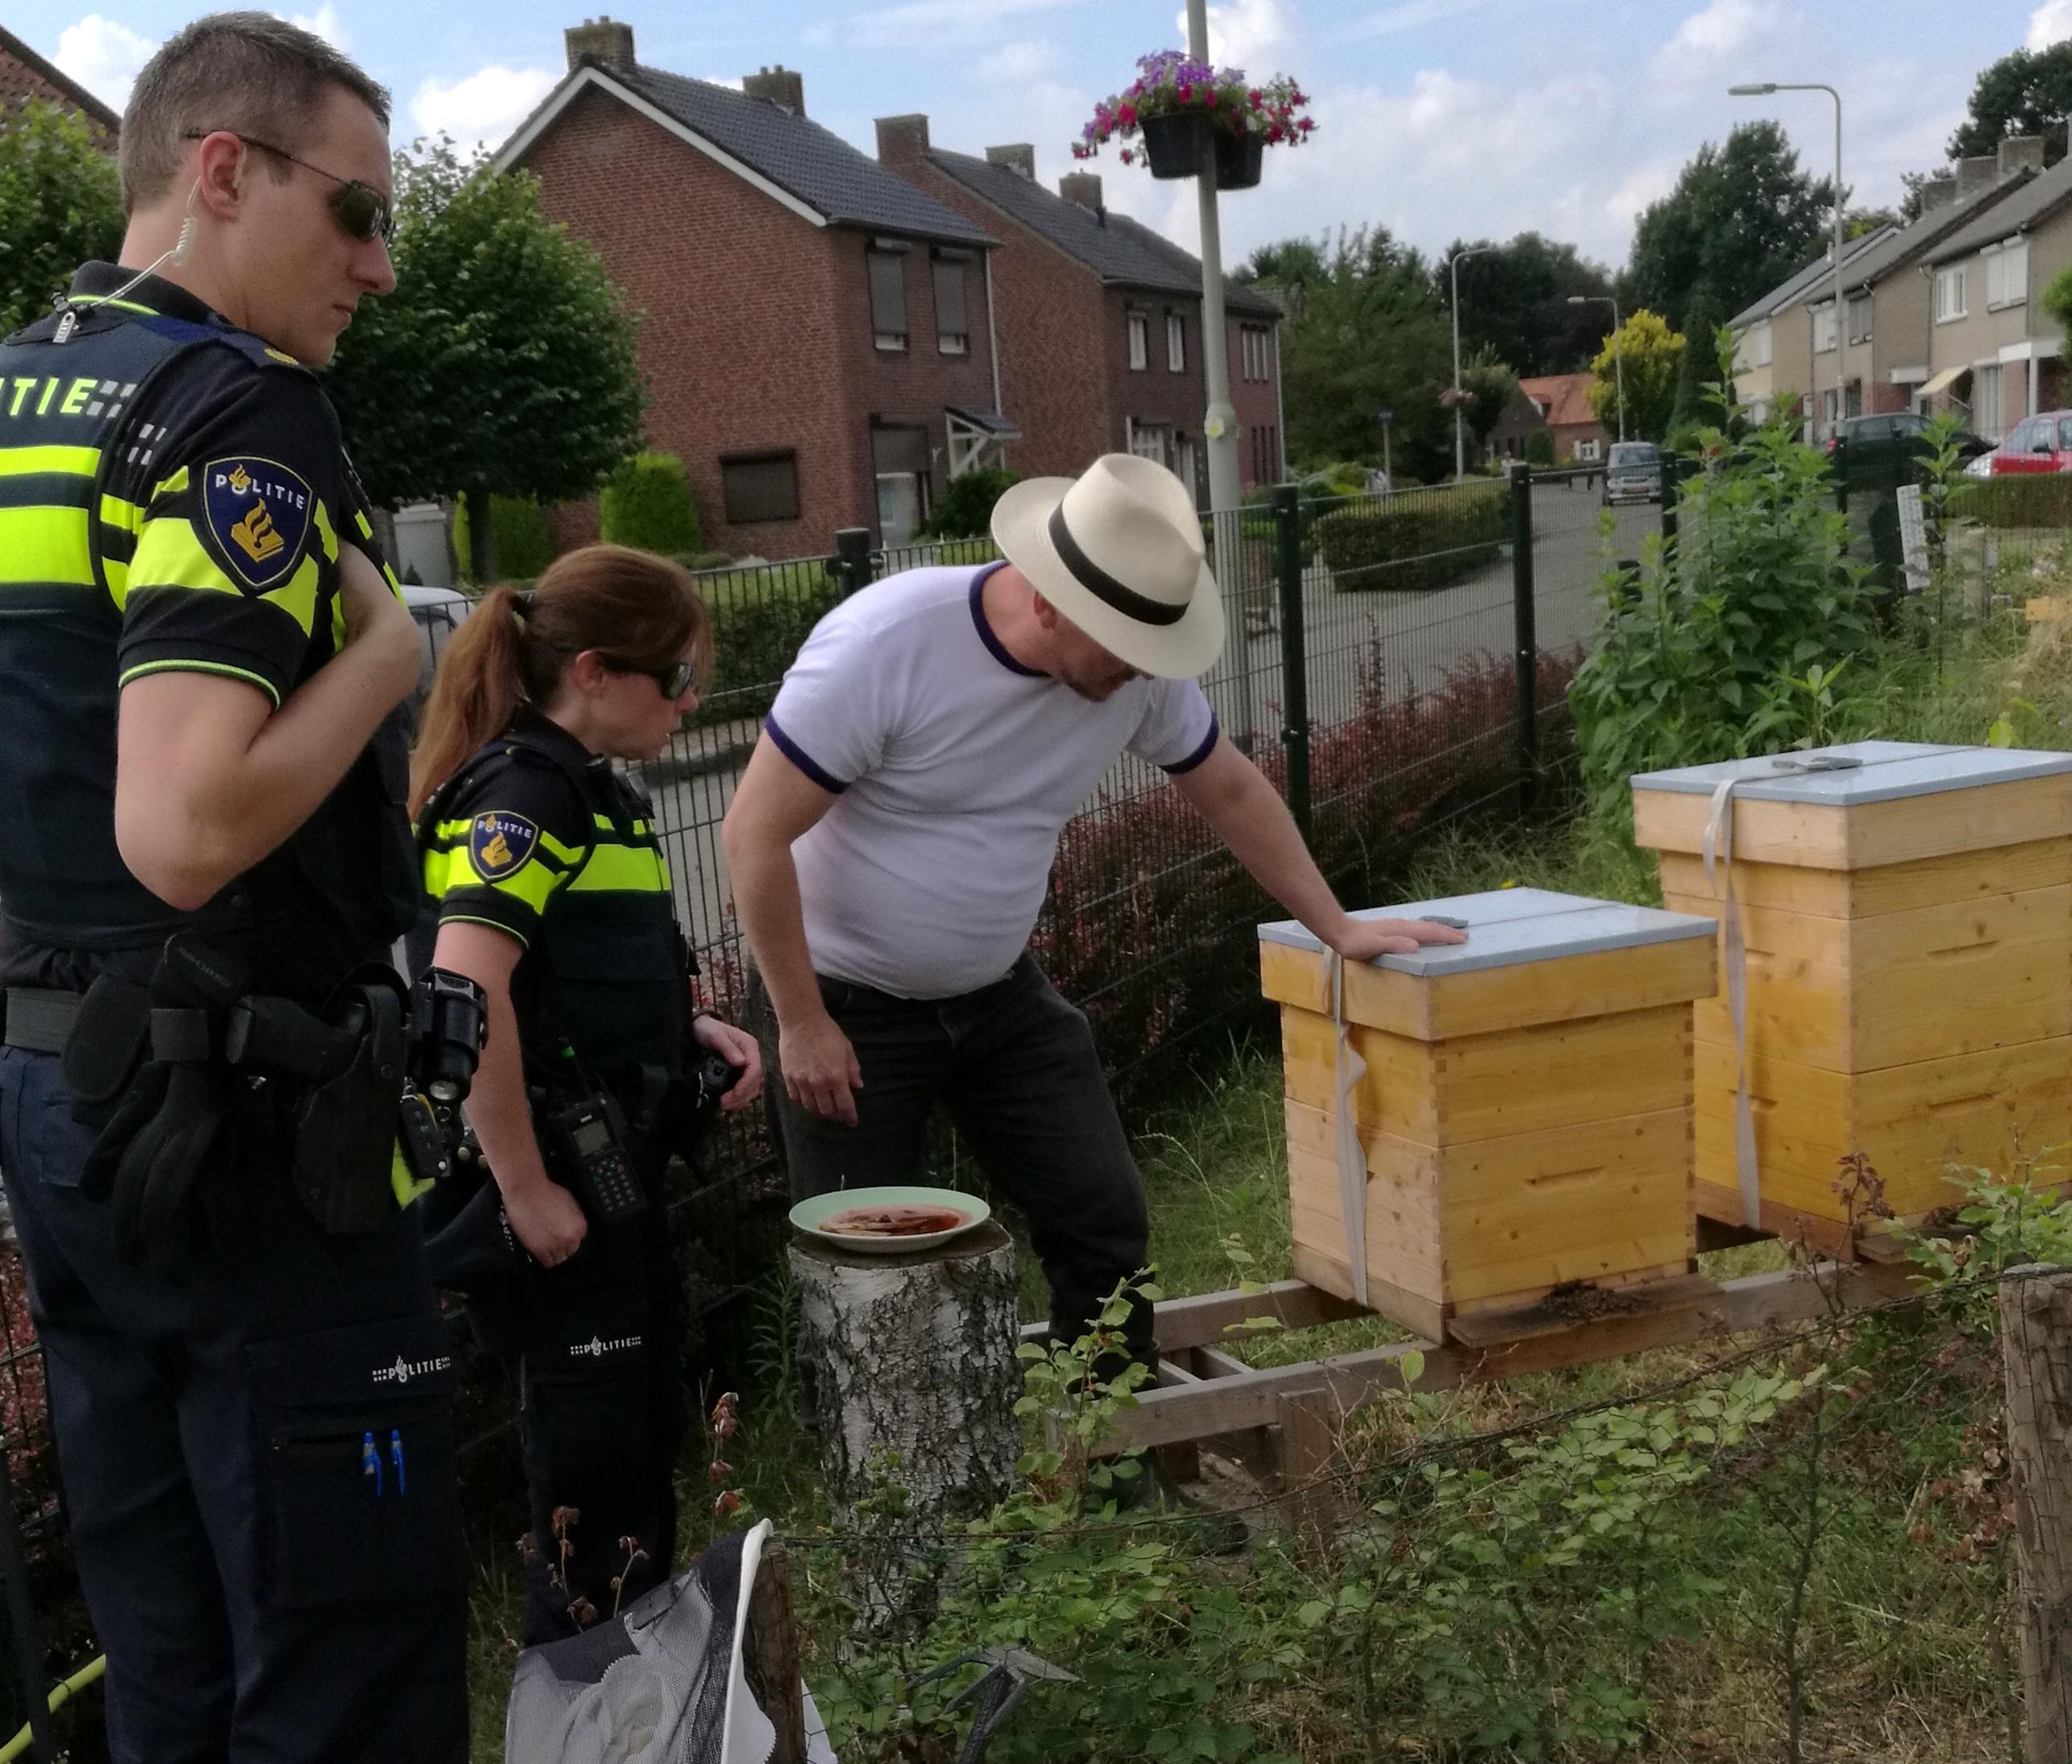 Onderzoek van de politie bij de bijen